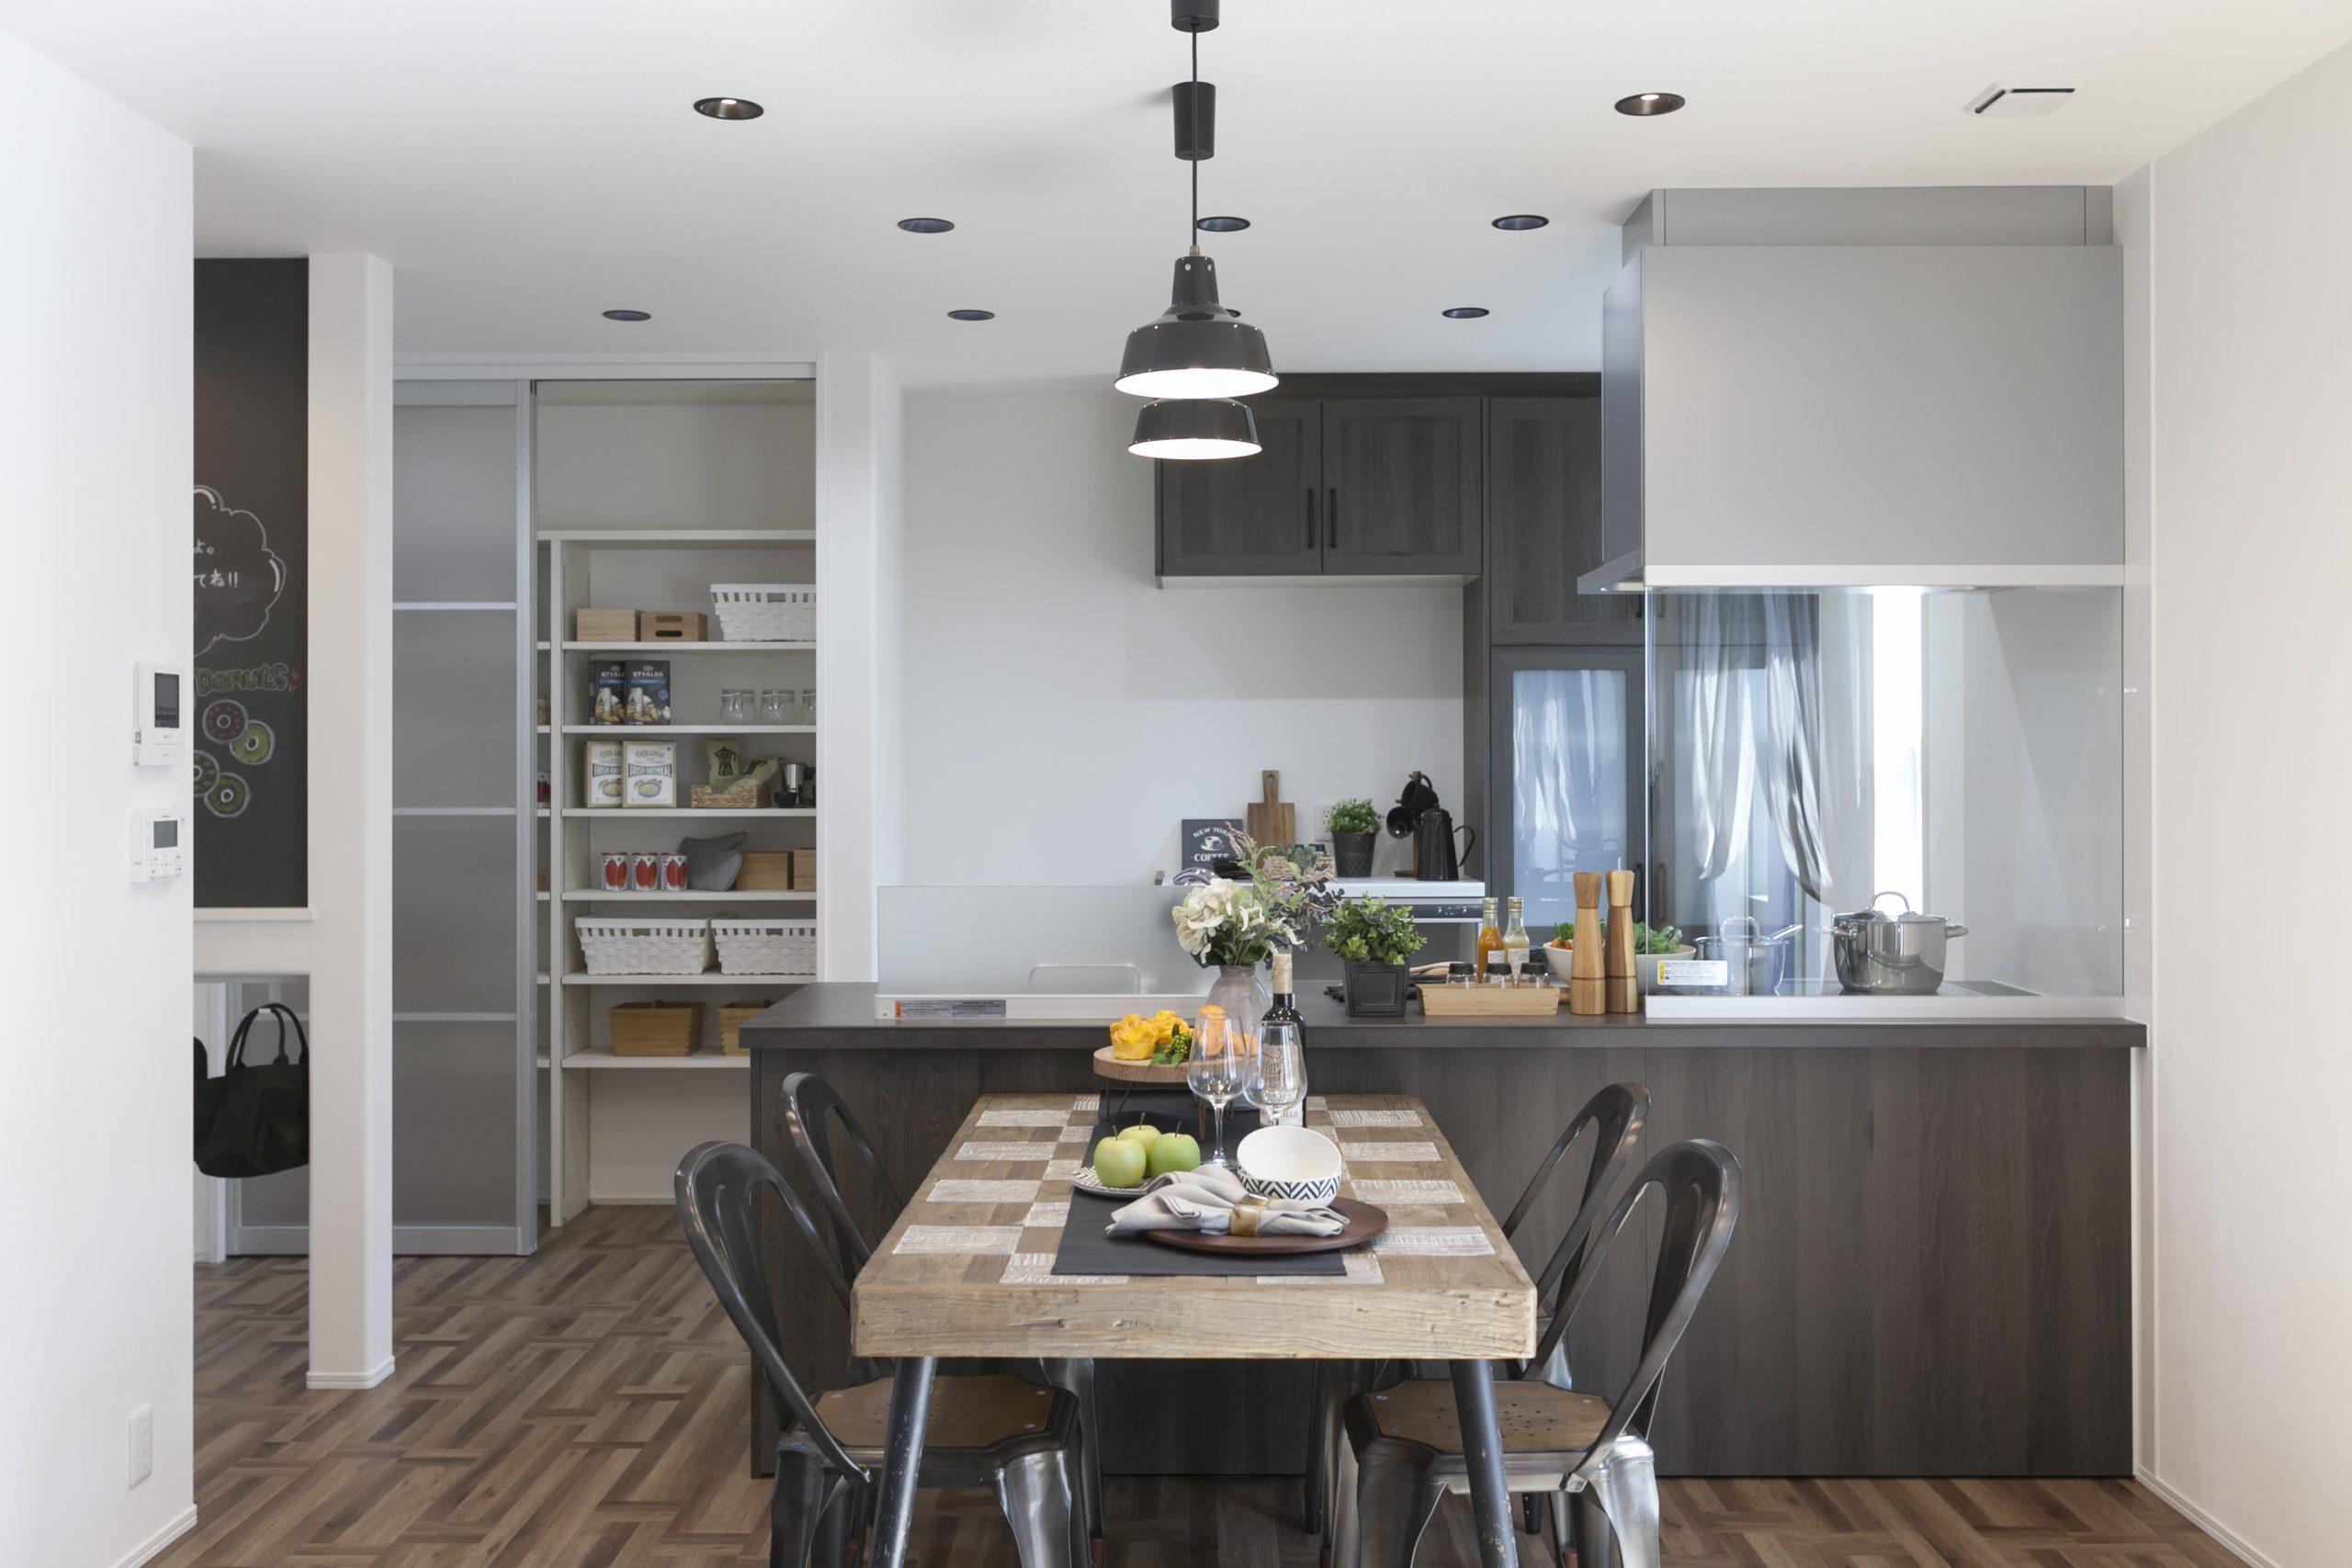 お話ししながらお料理に取り組める対面キッチン 収納の幅が広がるパントリーを設けました